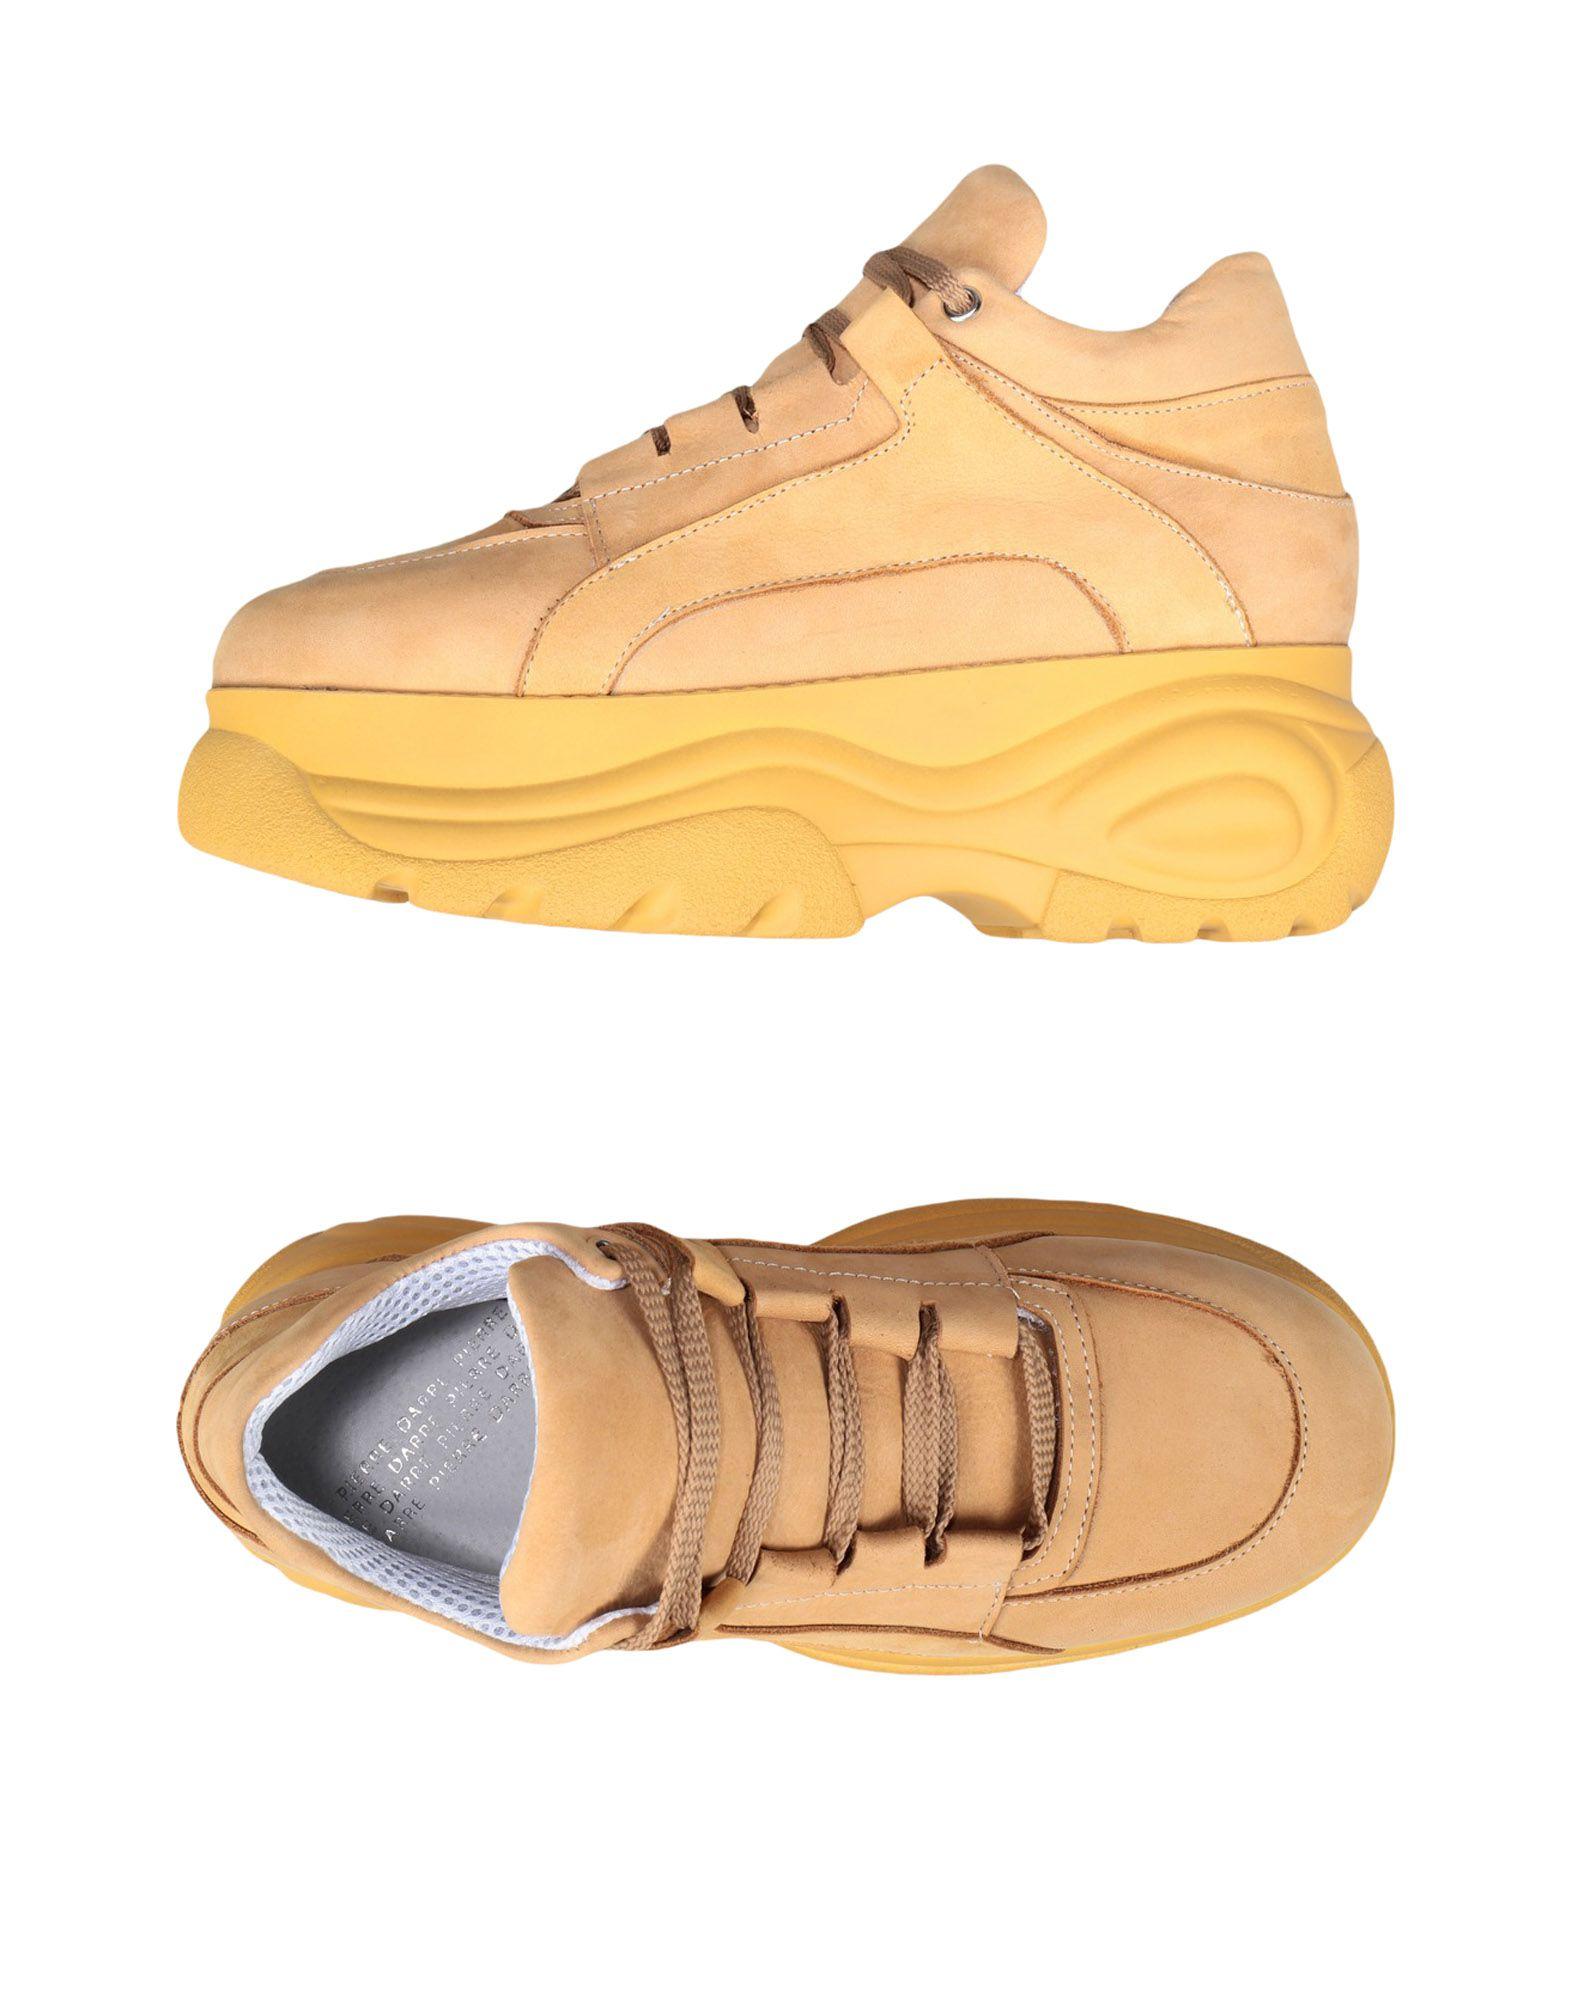 Baskets Pierre Darré Femme - Baskets Pierre Darré Sable Nouvelles chaussures pour hommes et femmes, remise limitée dans le temps